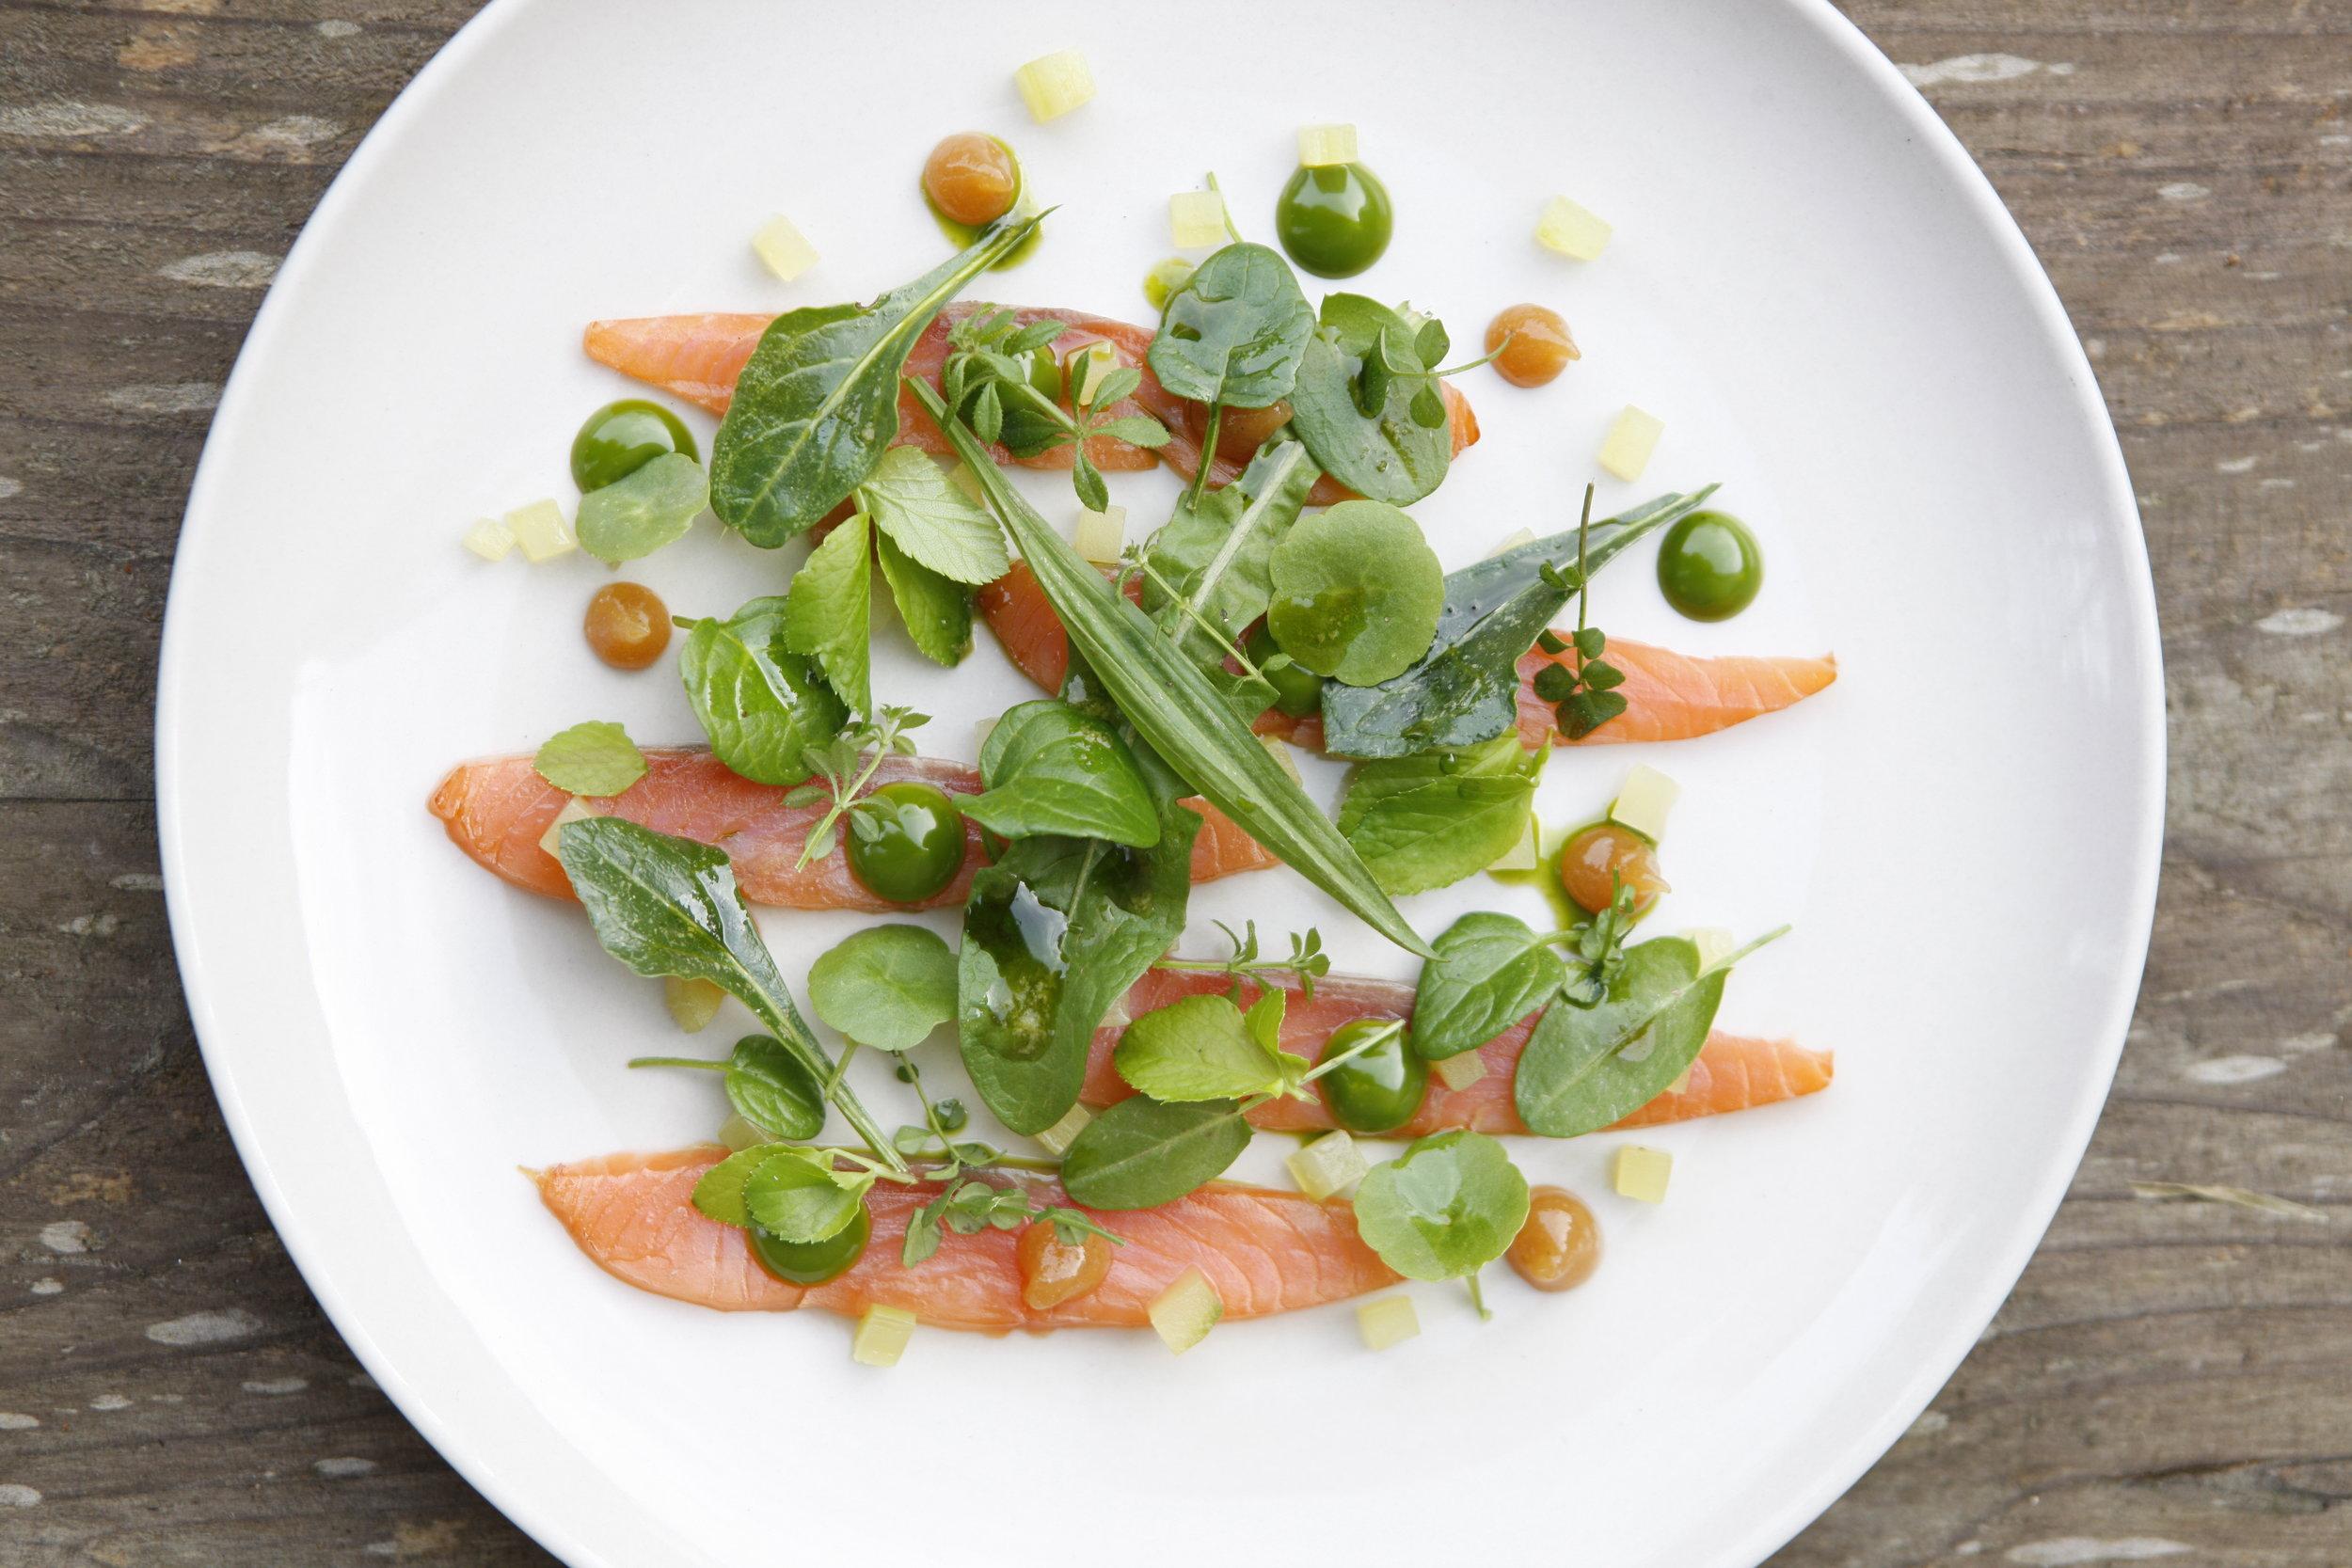 Smoked salmon & green salad